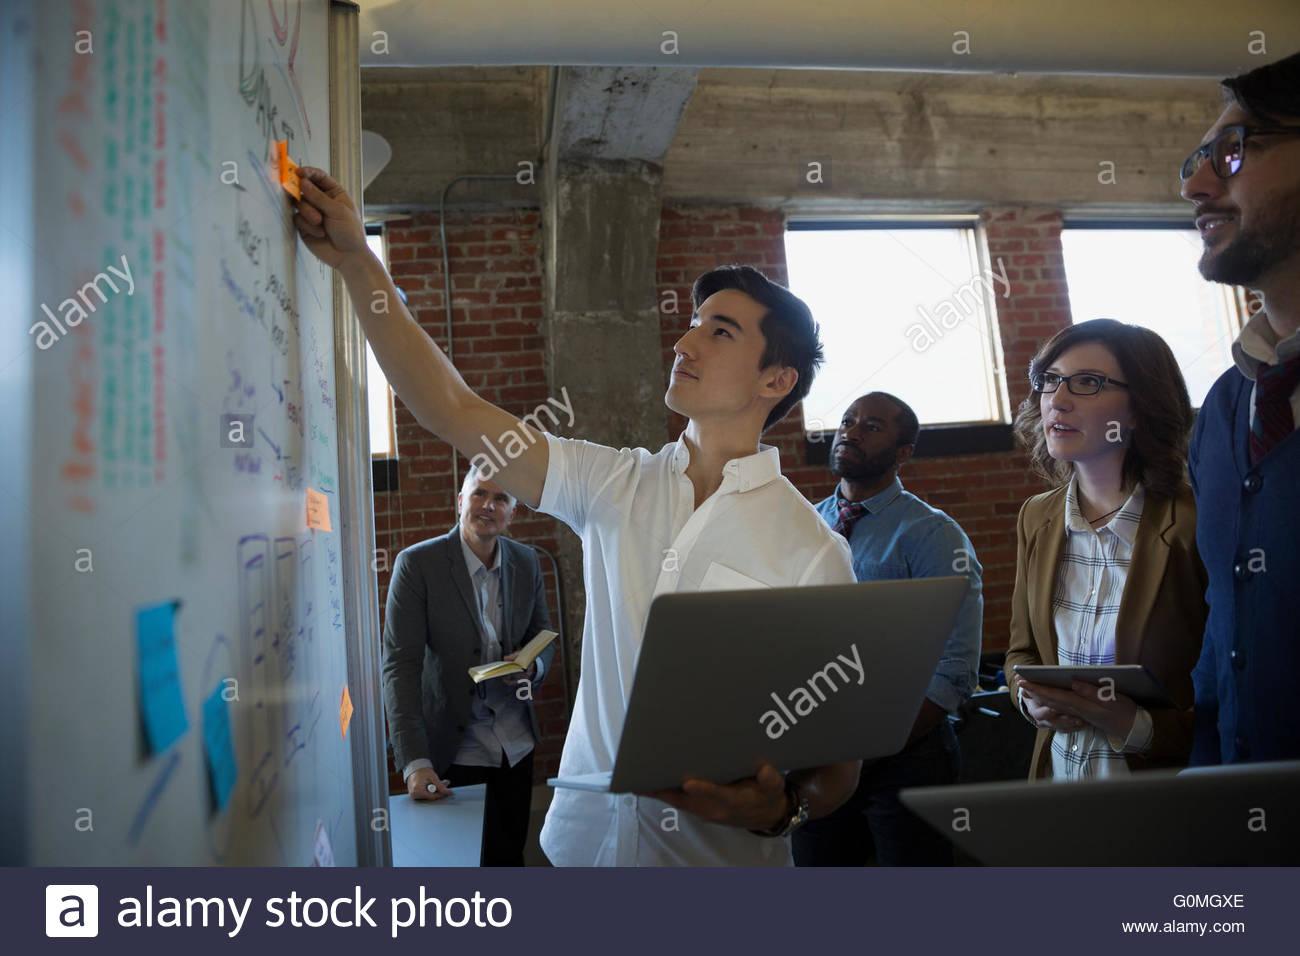 Los empresarios brainstorming en pizarra Imagen De Stock